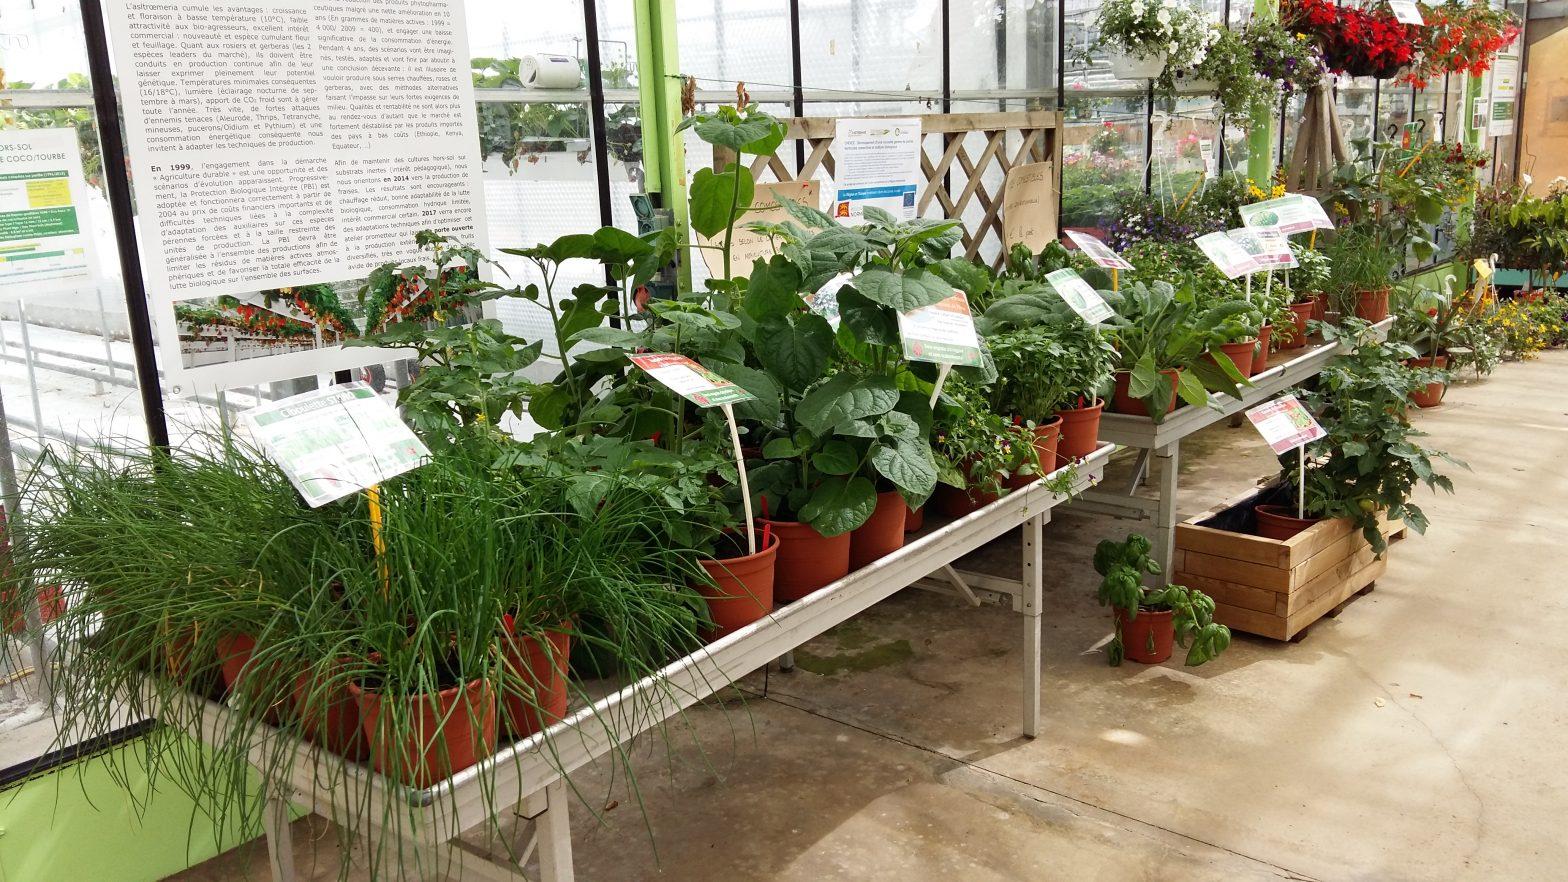 Développement d'une nouvelle gamme de plantes horticoles comestibles en culture biologique - Projet CHOICE